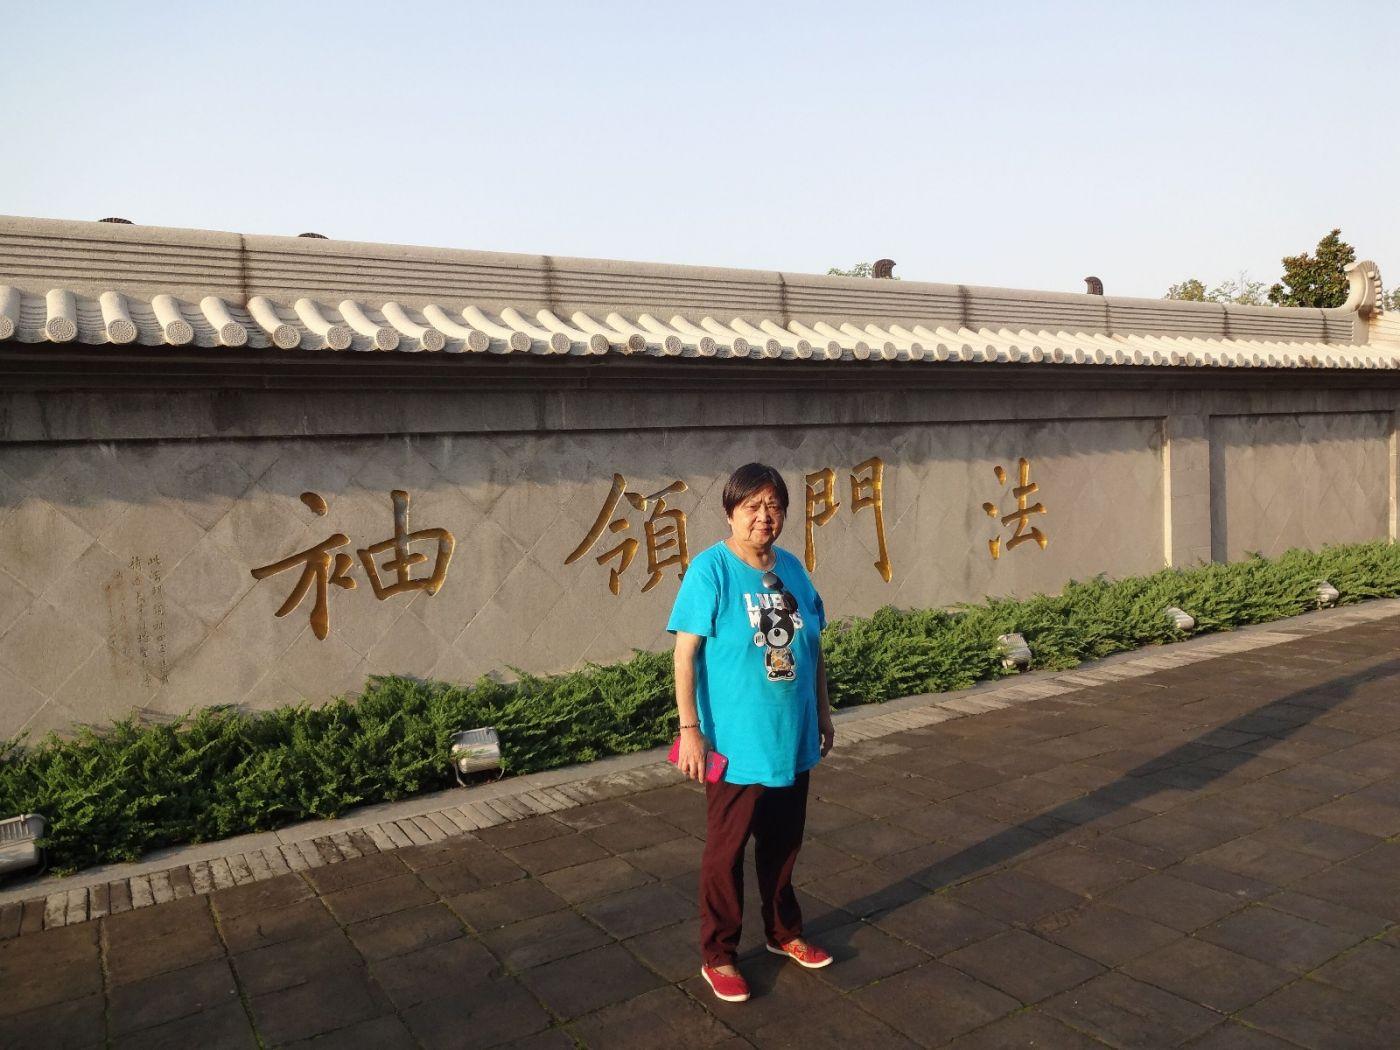 游西安大雁塔,小雁塔,华清池 汉城湖 补图----3_图1-9